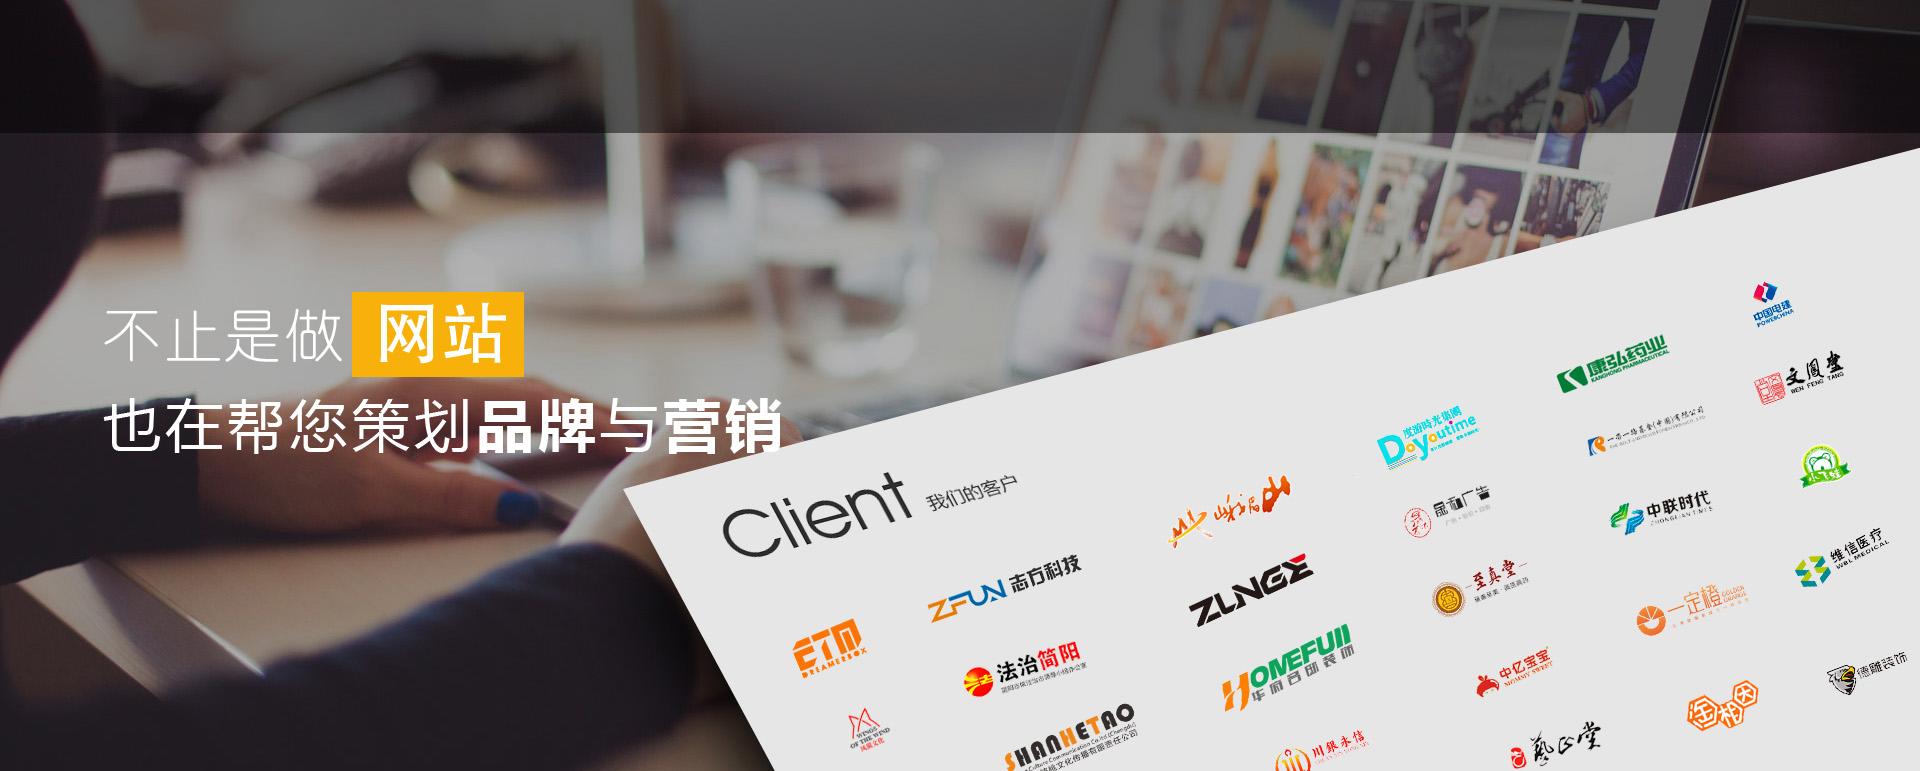 高品质网站设计、开发服务